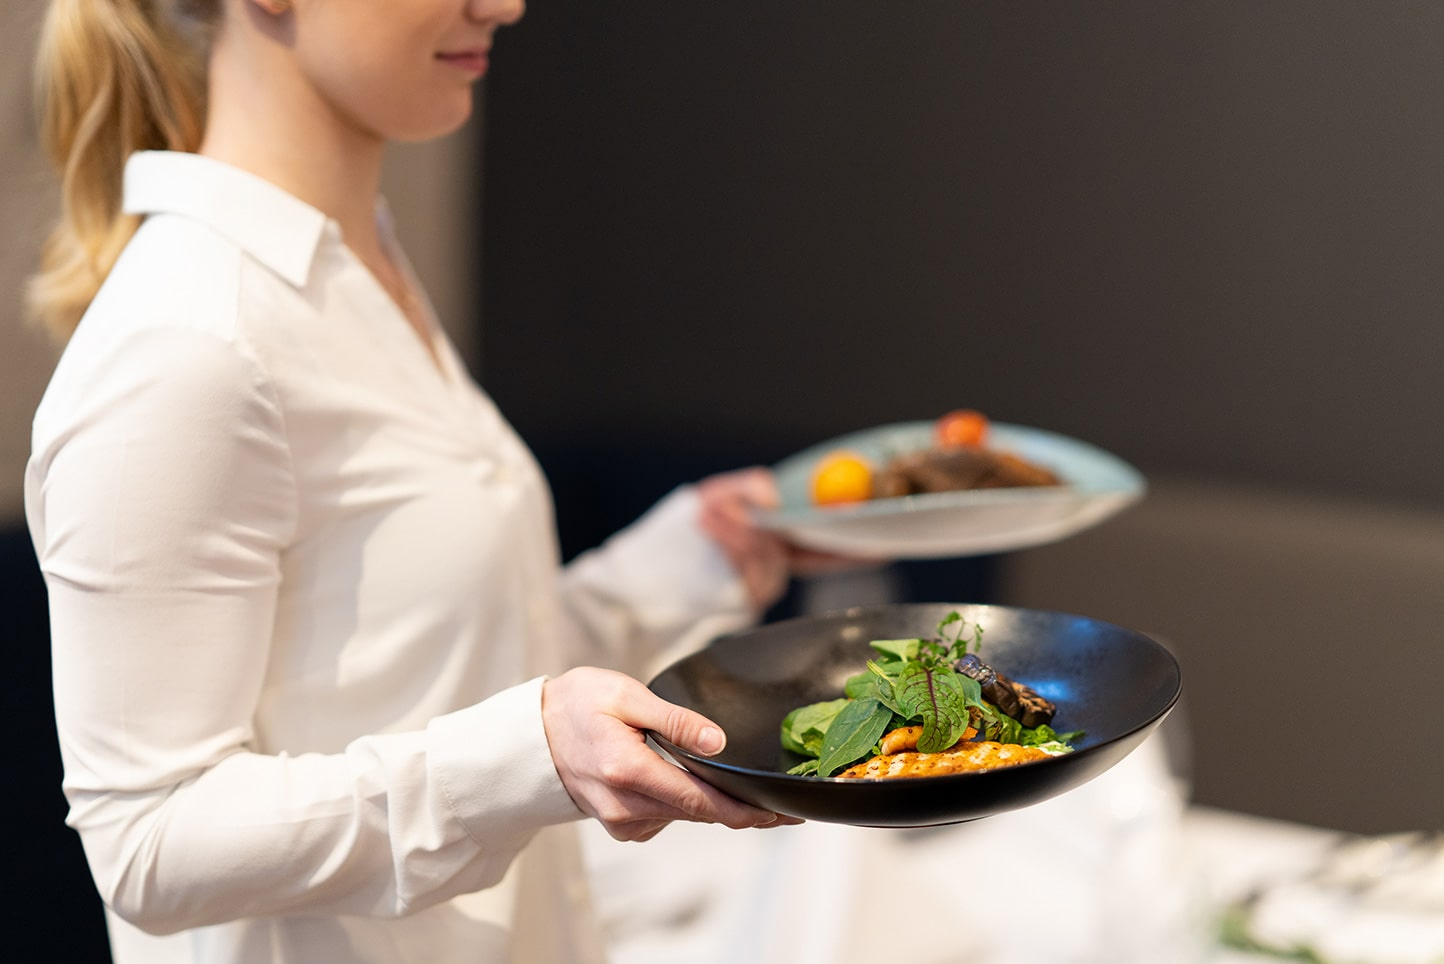 junge Frau bringt Teller mit kleinen Gerichten